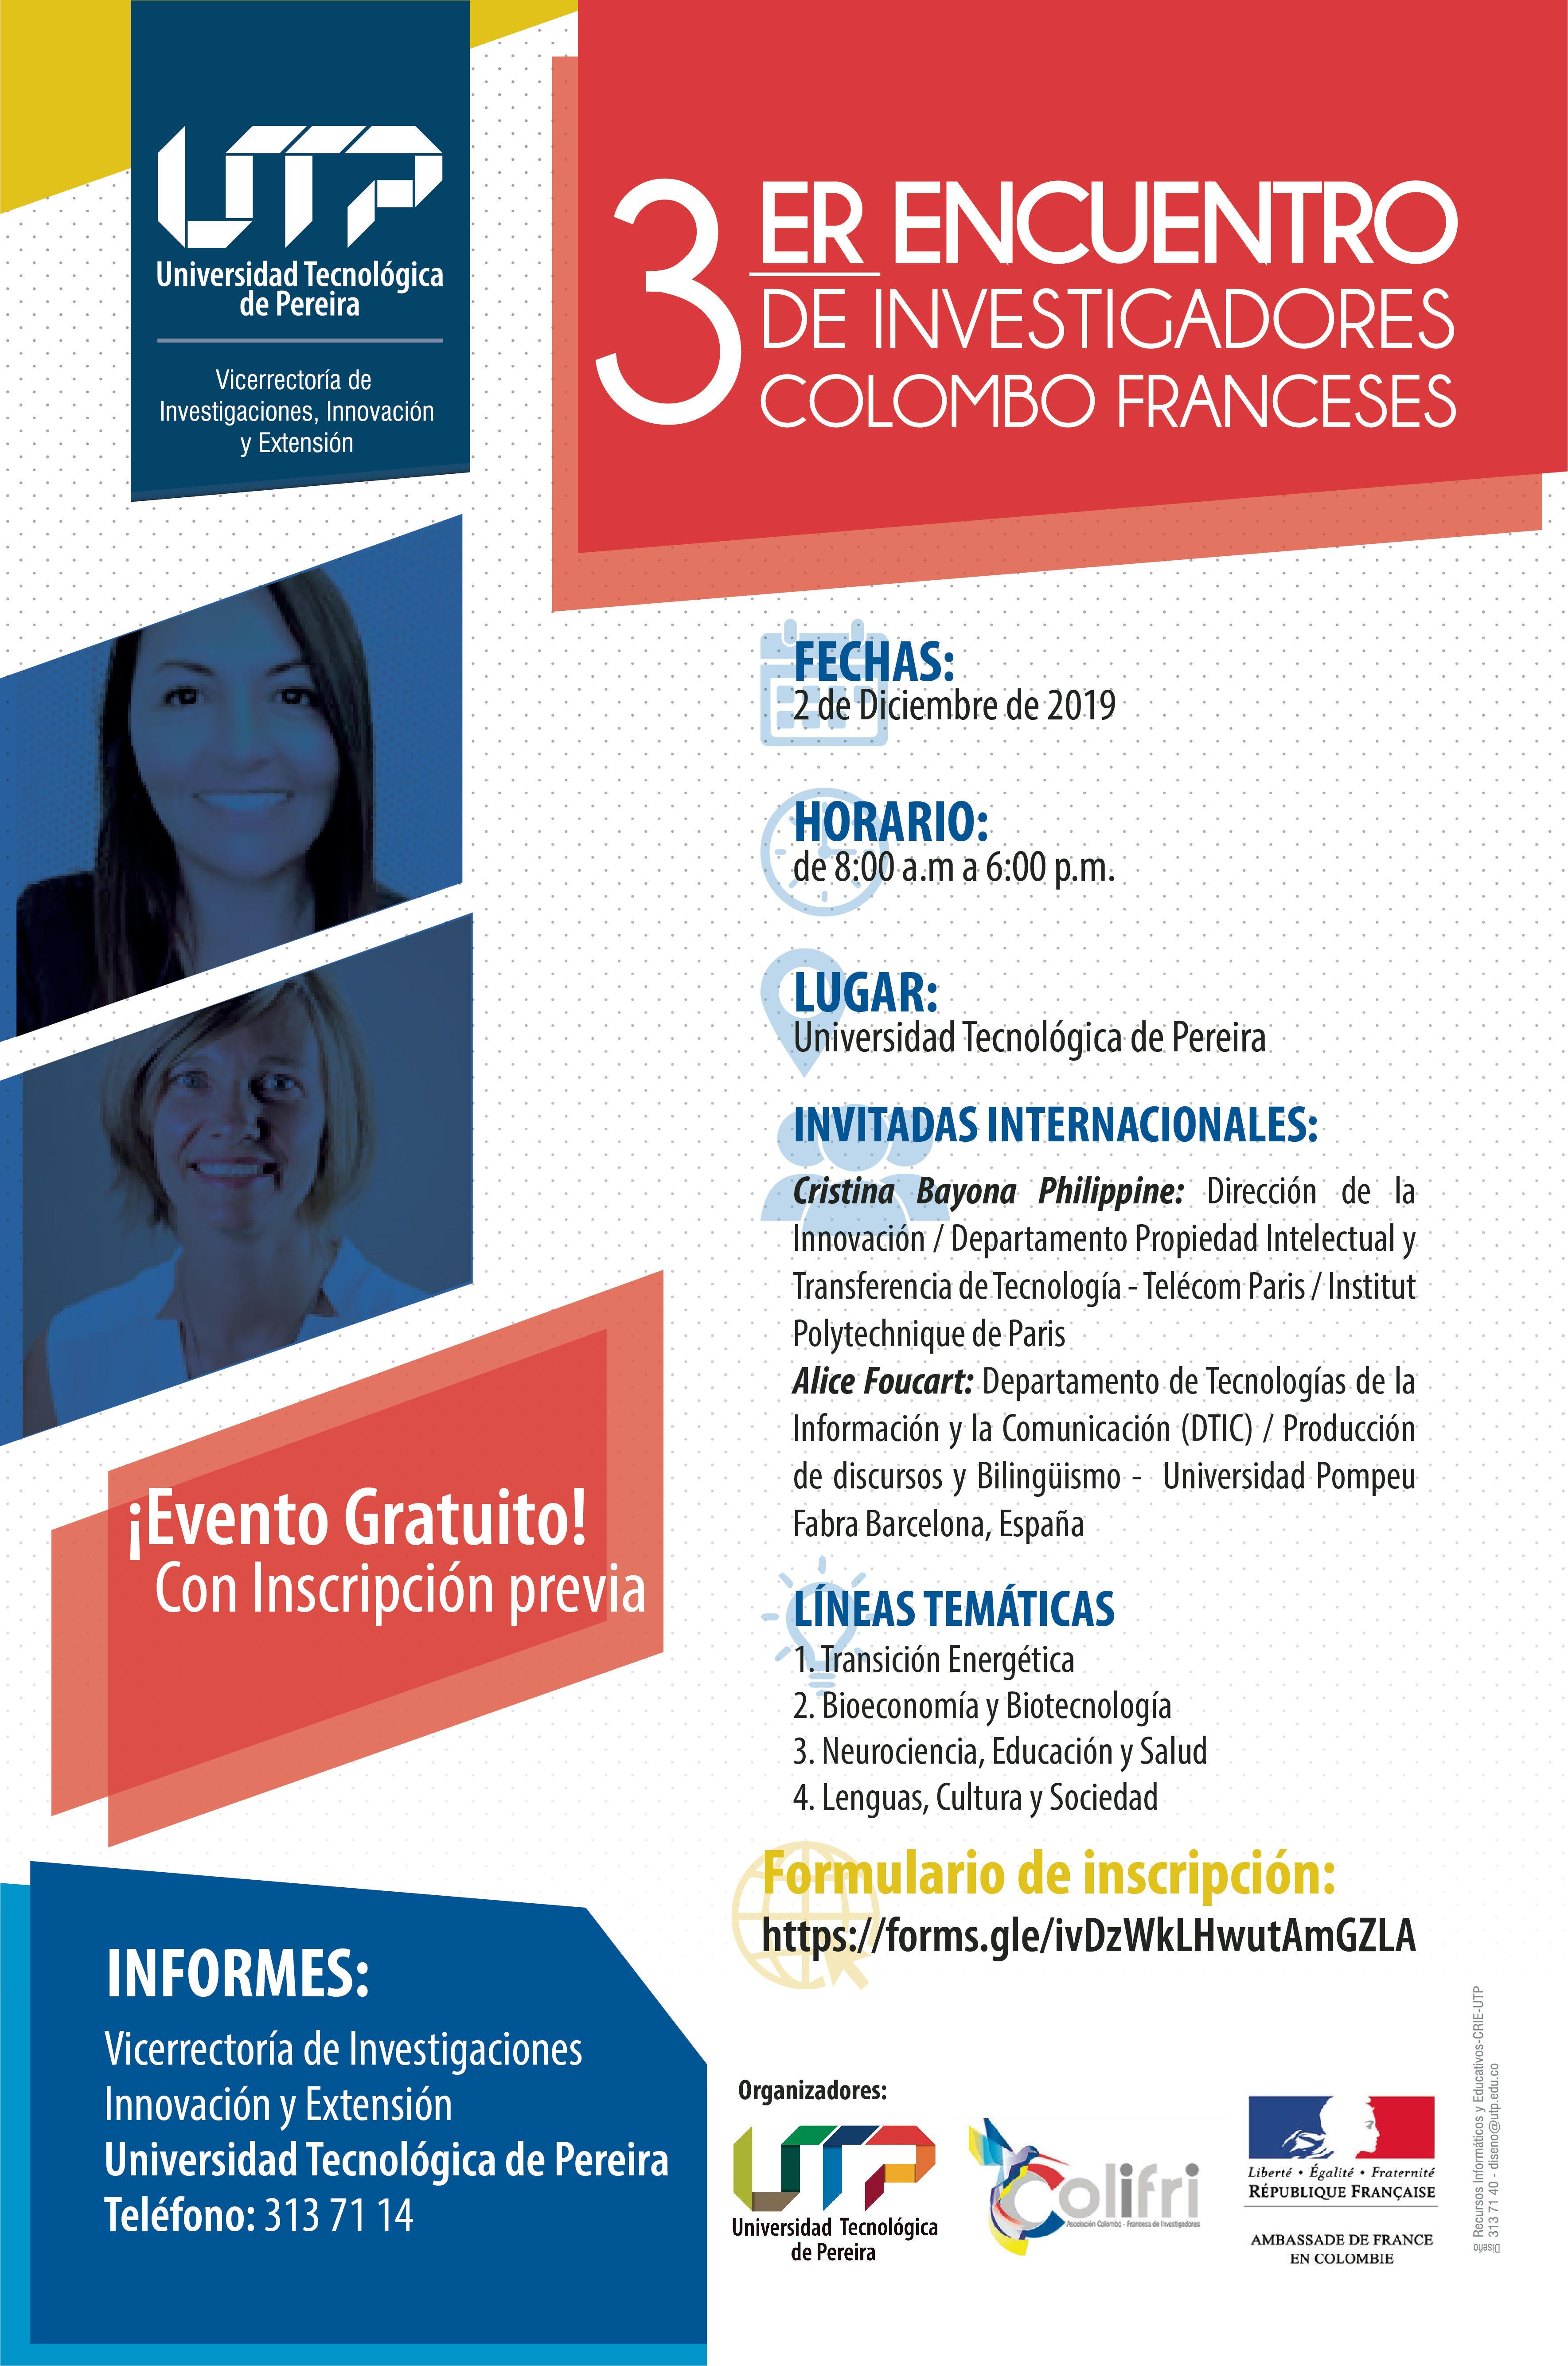 Presente su trabajo investigativo en el Tercer Encuentro de Investigadores Colombo Franceses